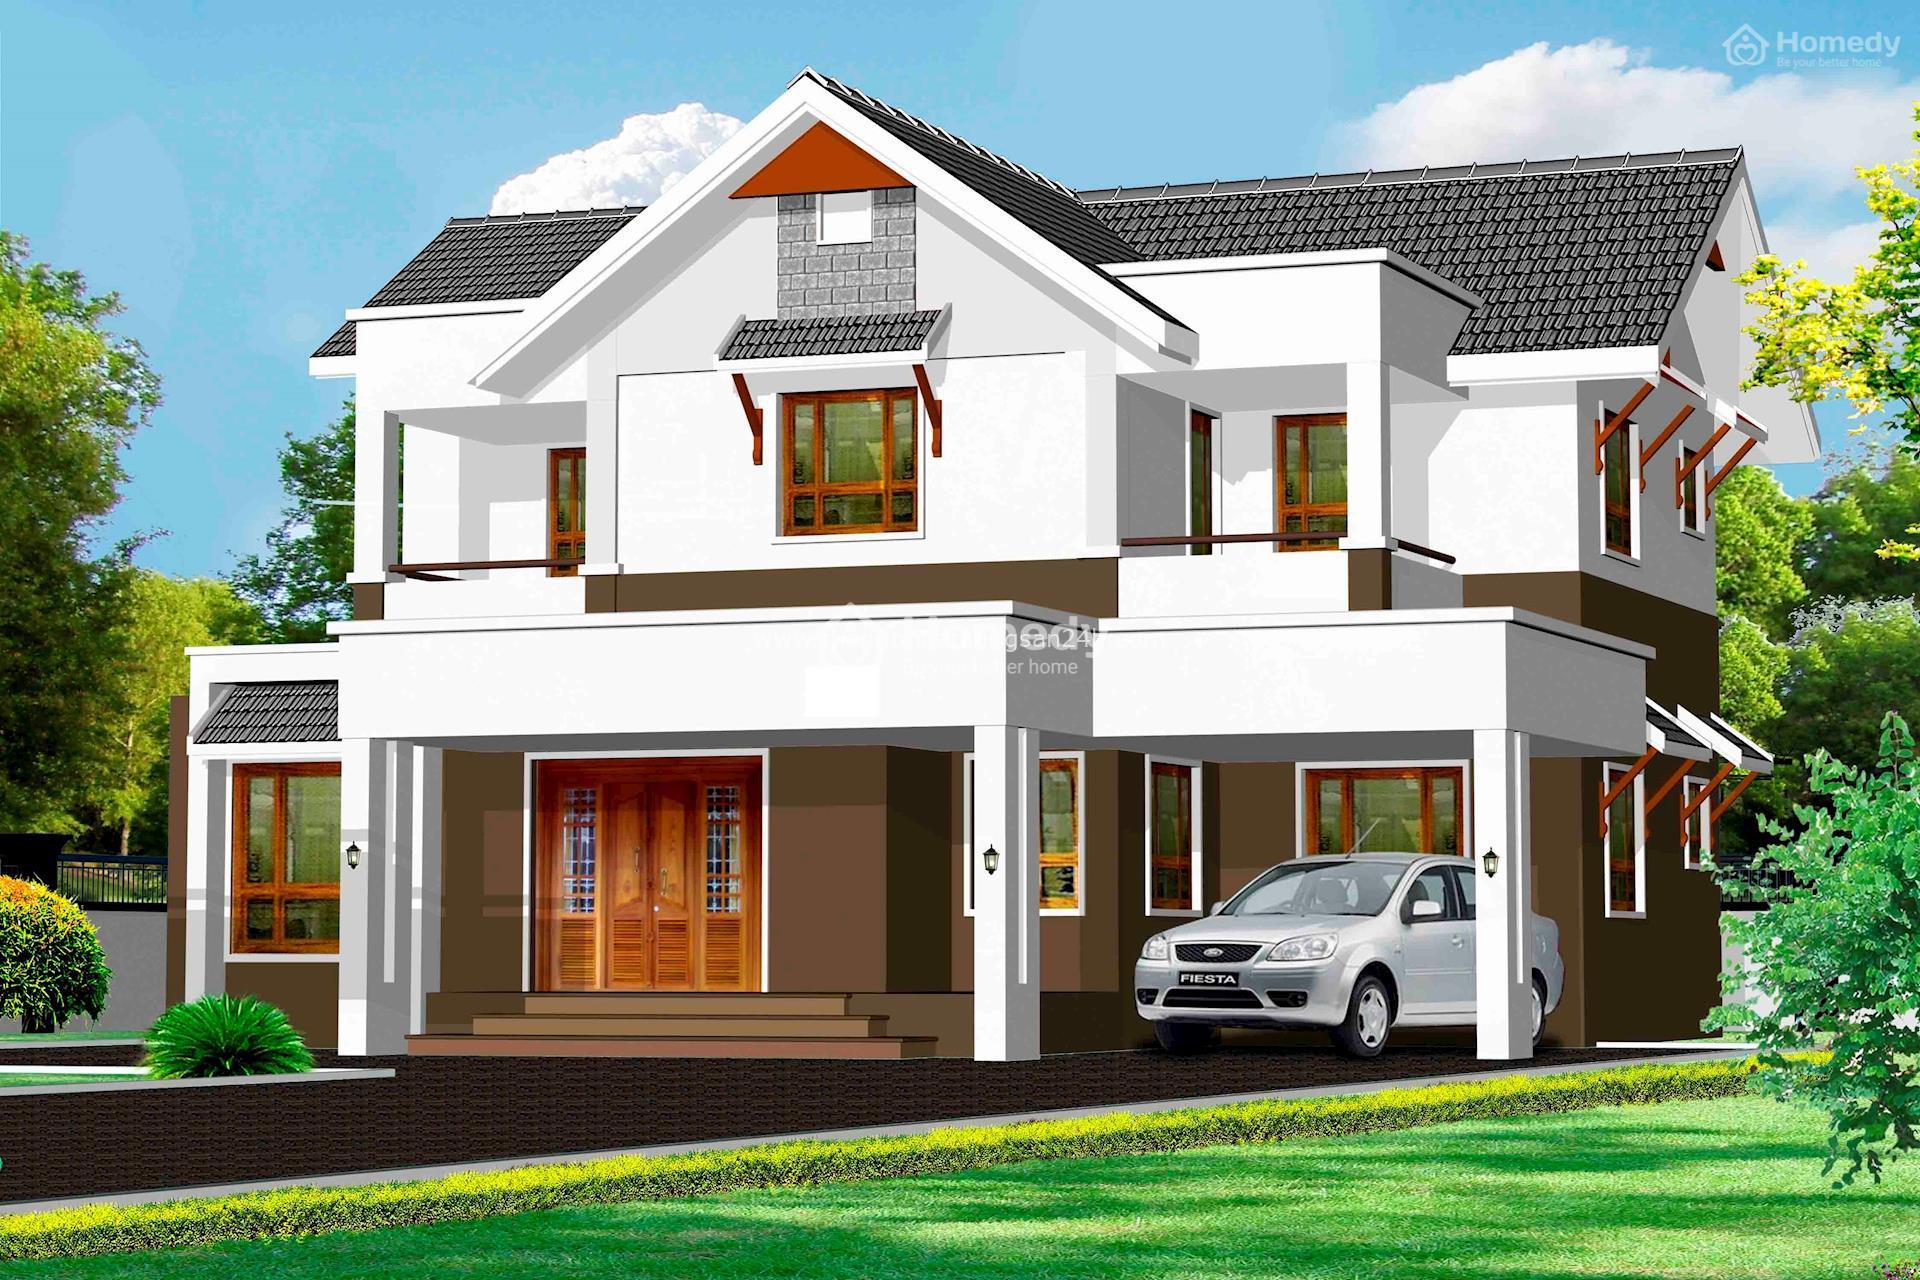 Có nên mua nhà không hợp hướng không? Có gây họa gì không? 5